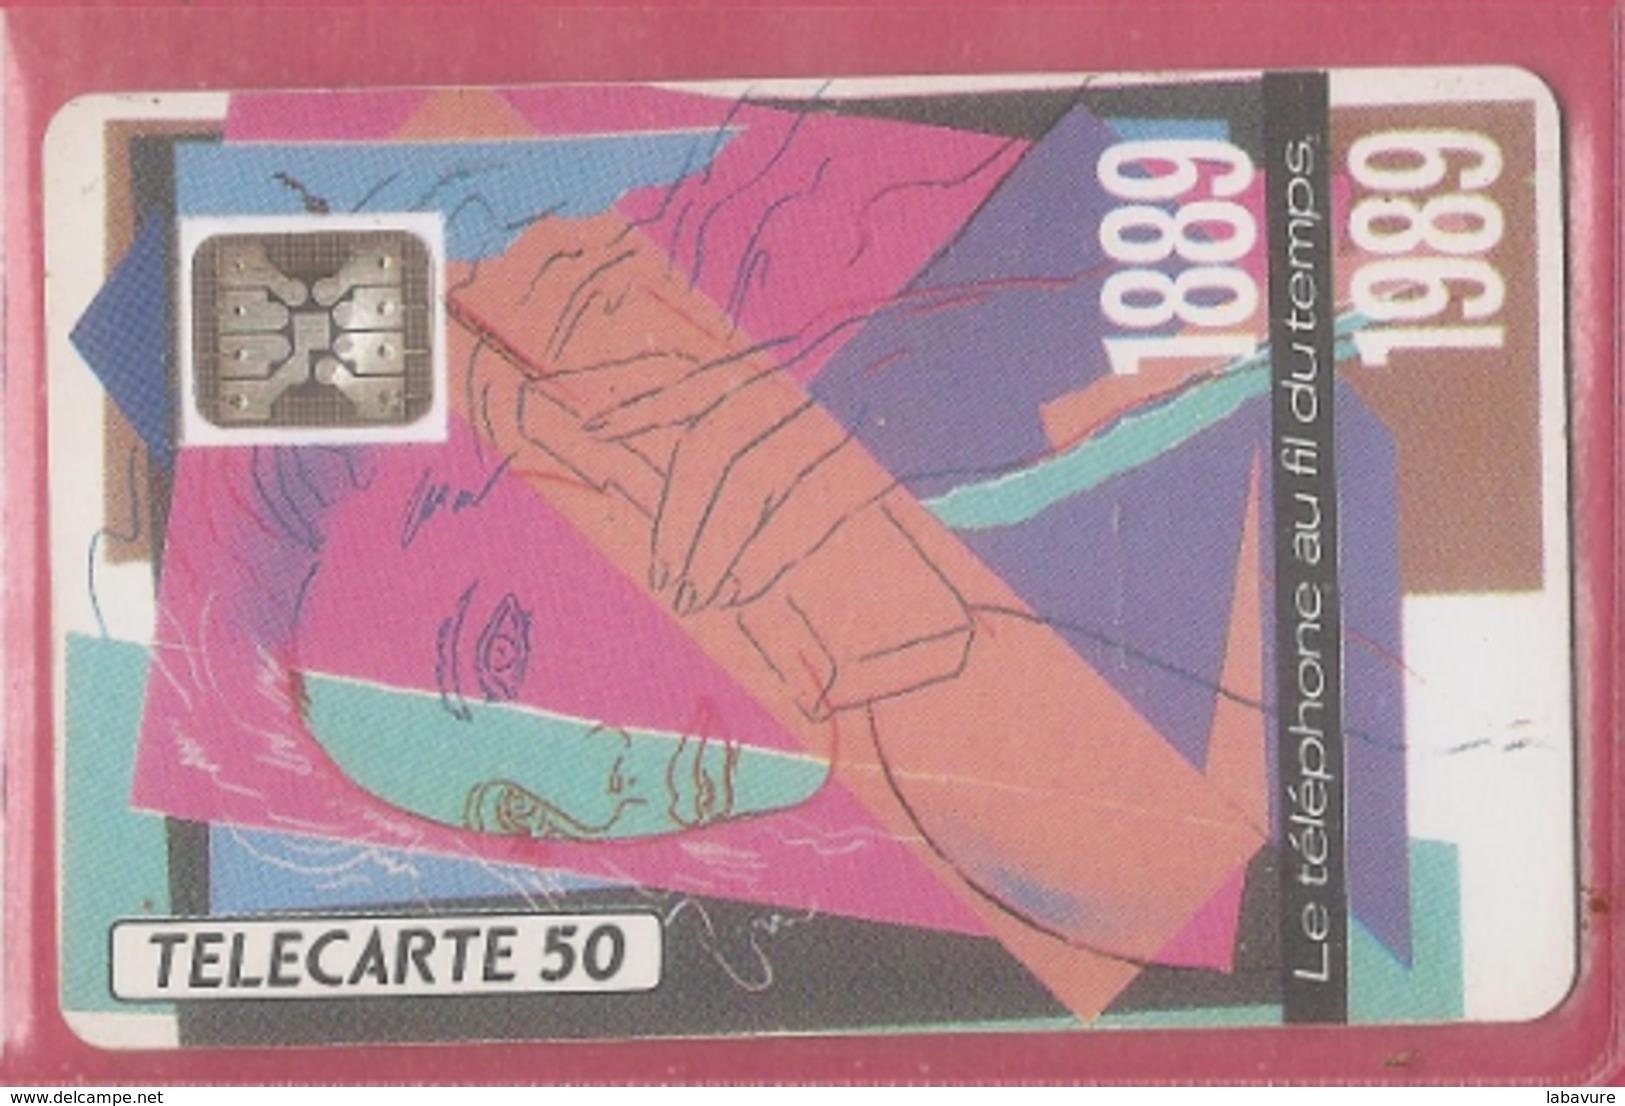 F 92- TÉLÉPHONE AU FIL DU TEMPS--50 SC4----N° 107684---pe-- - France